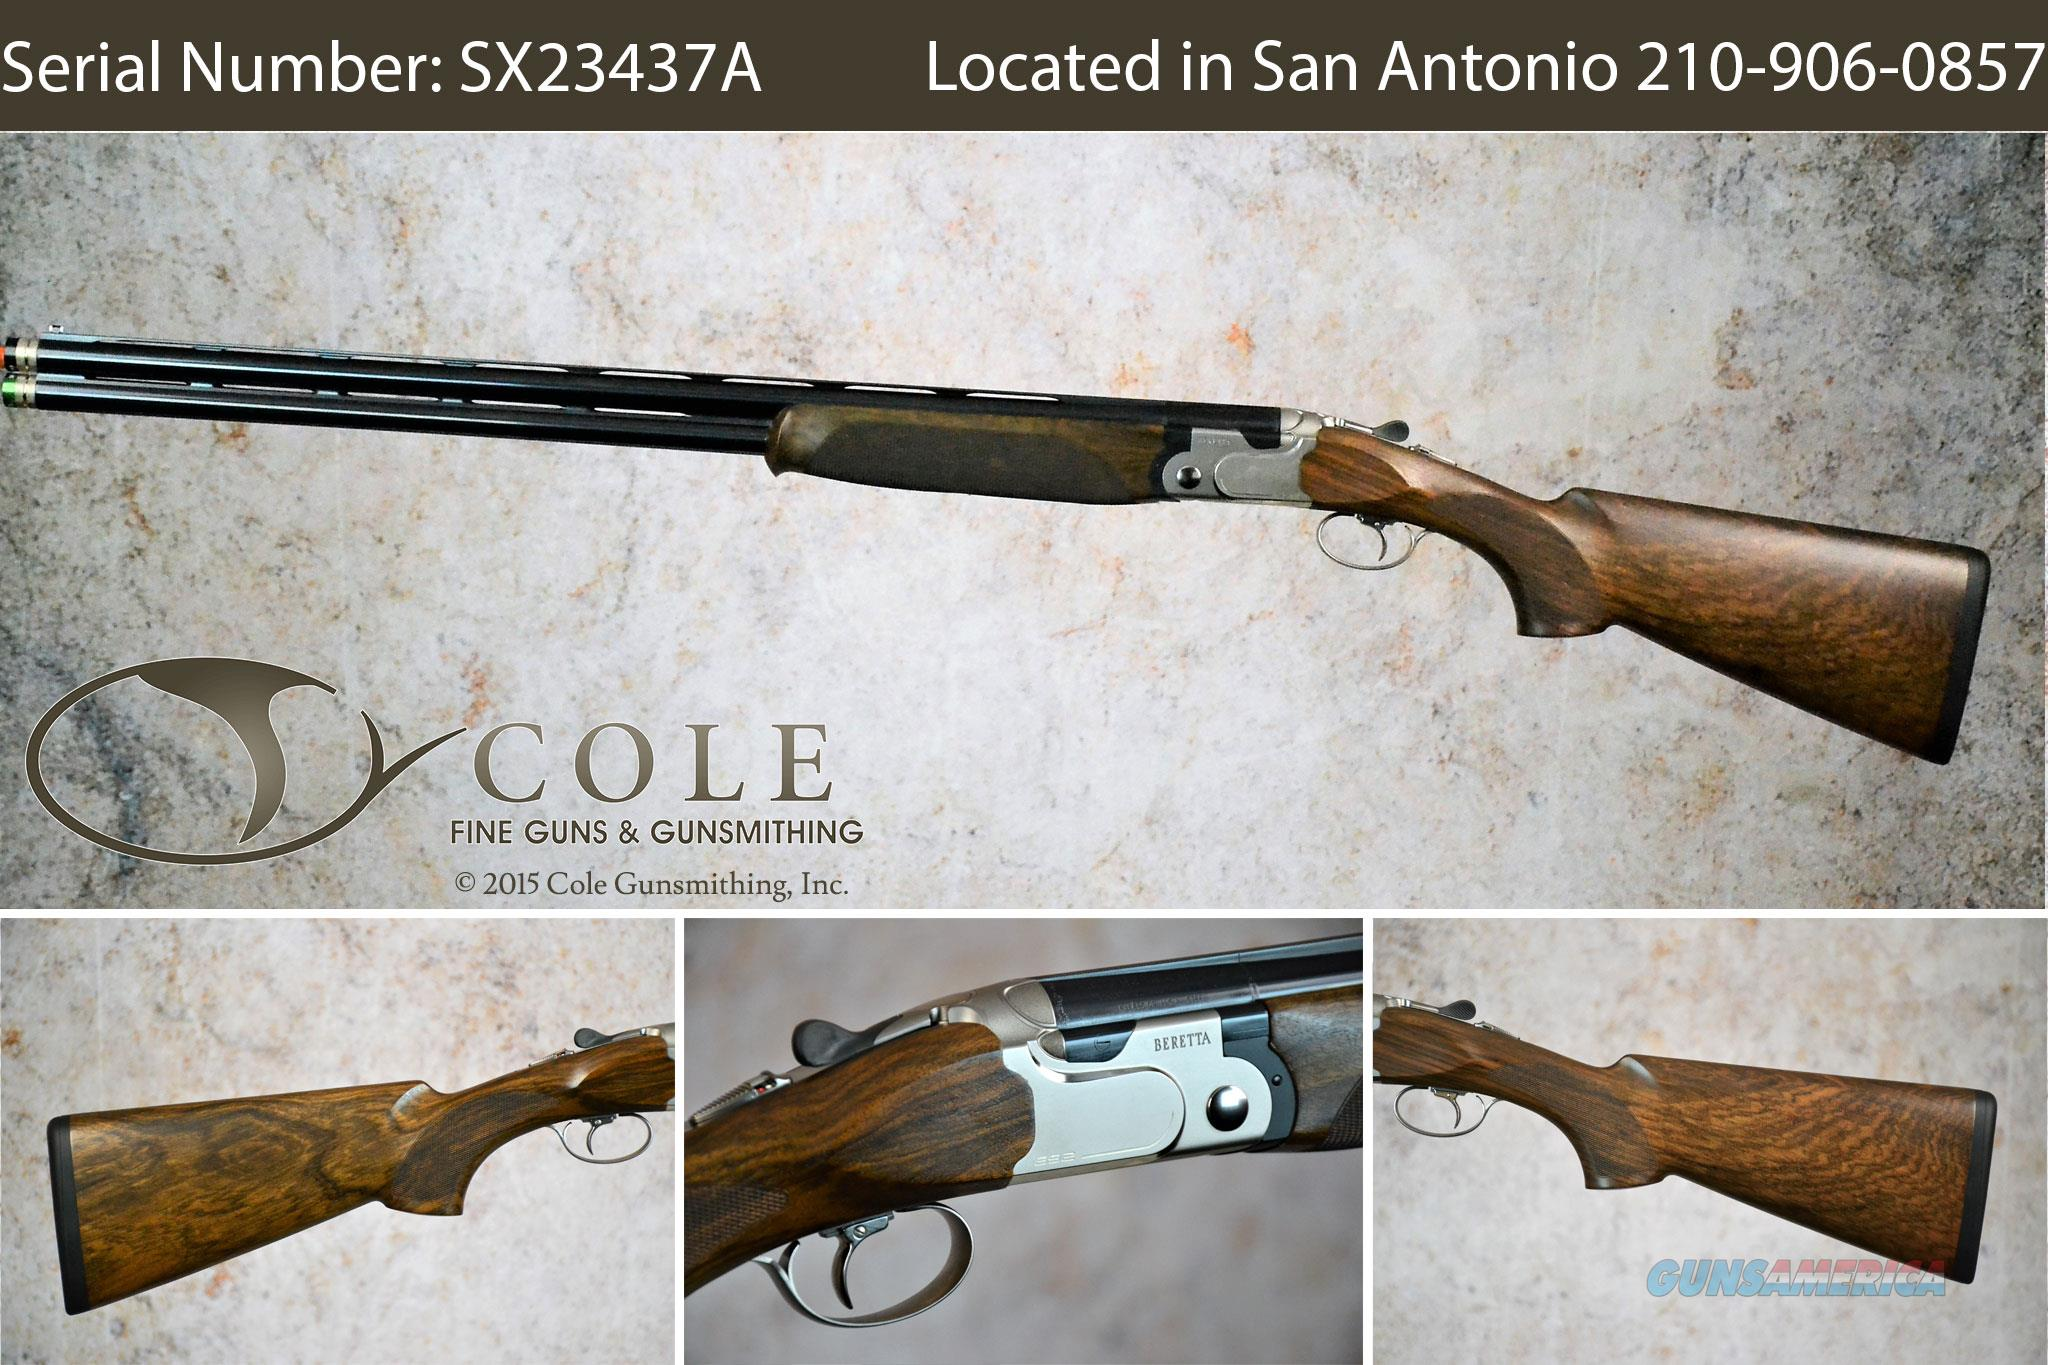 """Beretta 692 Sporting 12g 30"""" SN:#SX23437A~~At Our San Antonio Store~~  Guns > Shotguns > Beretta Shotguns > O/U > Trap/Skeet"""